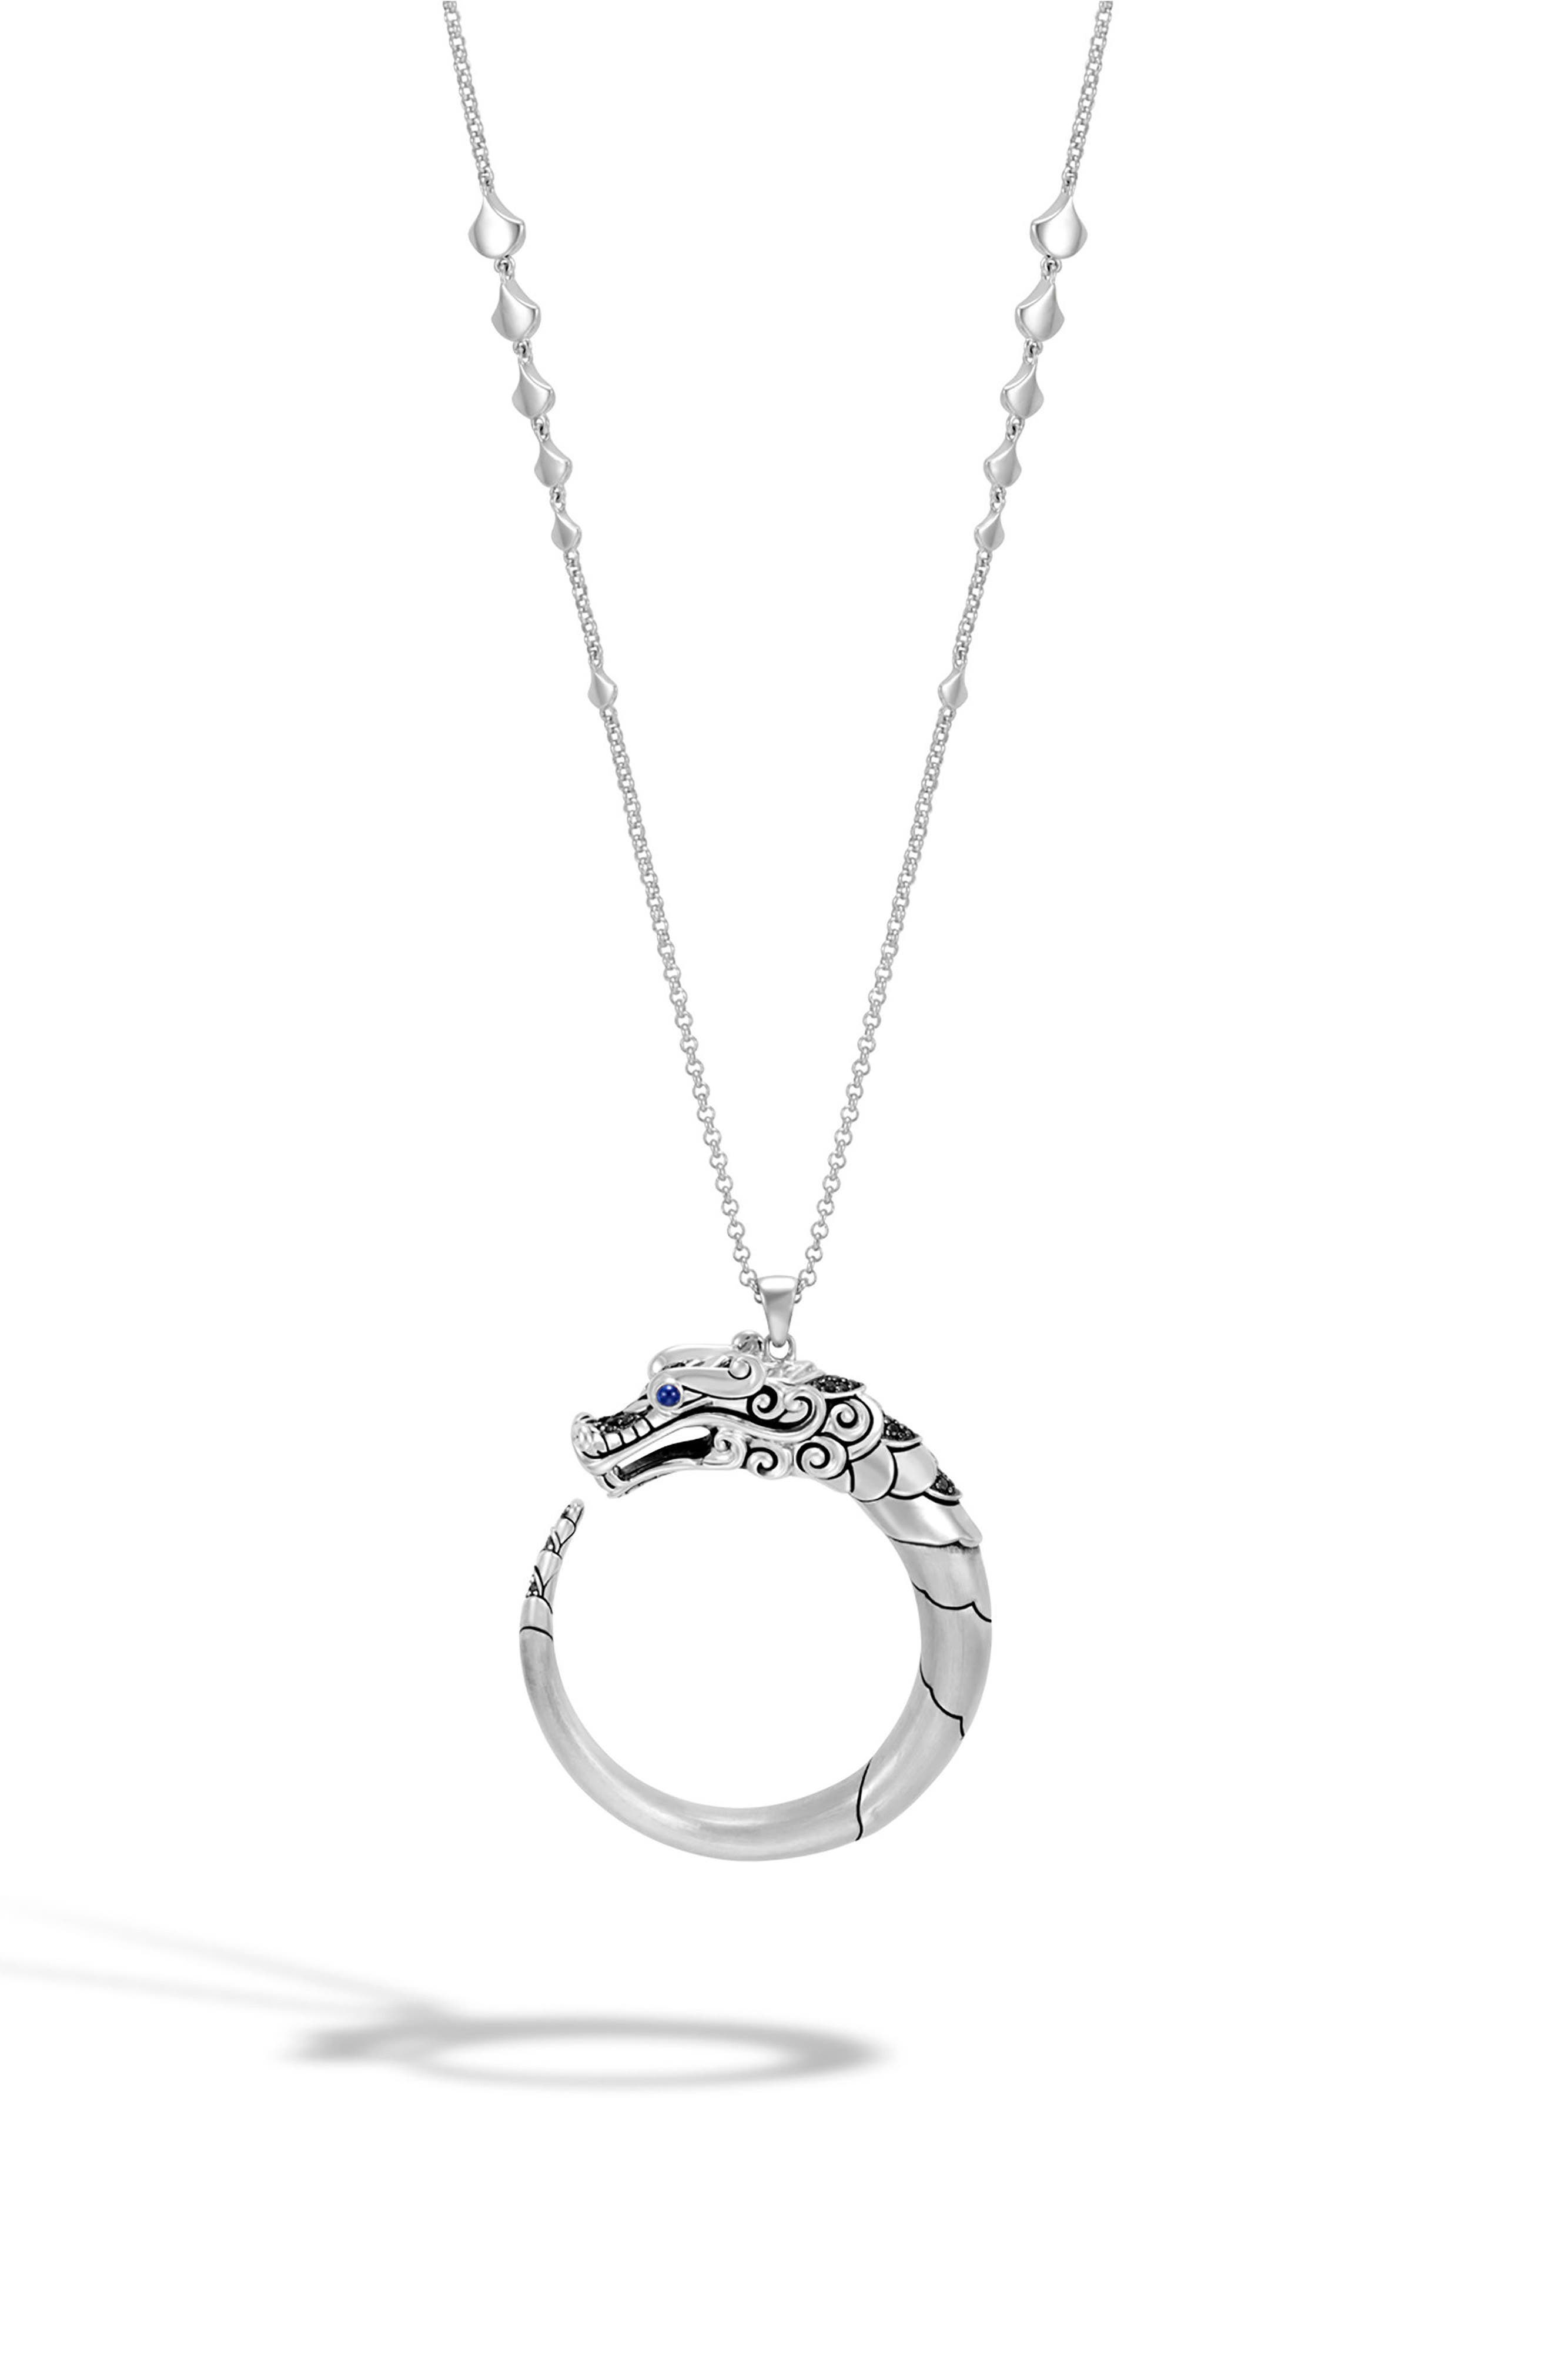 Legends Naga Long Pendant Necklace,                         Main,                         color, Silver/ Black/ Blue Sapphire